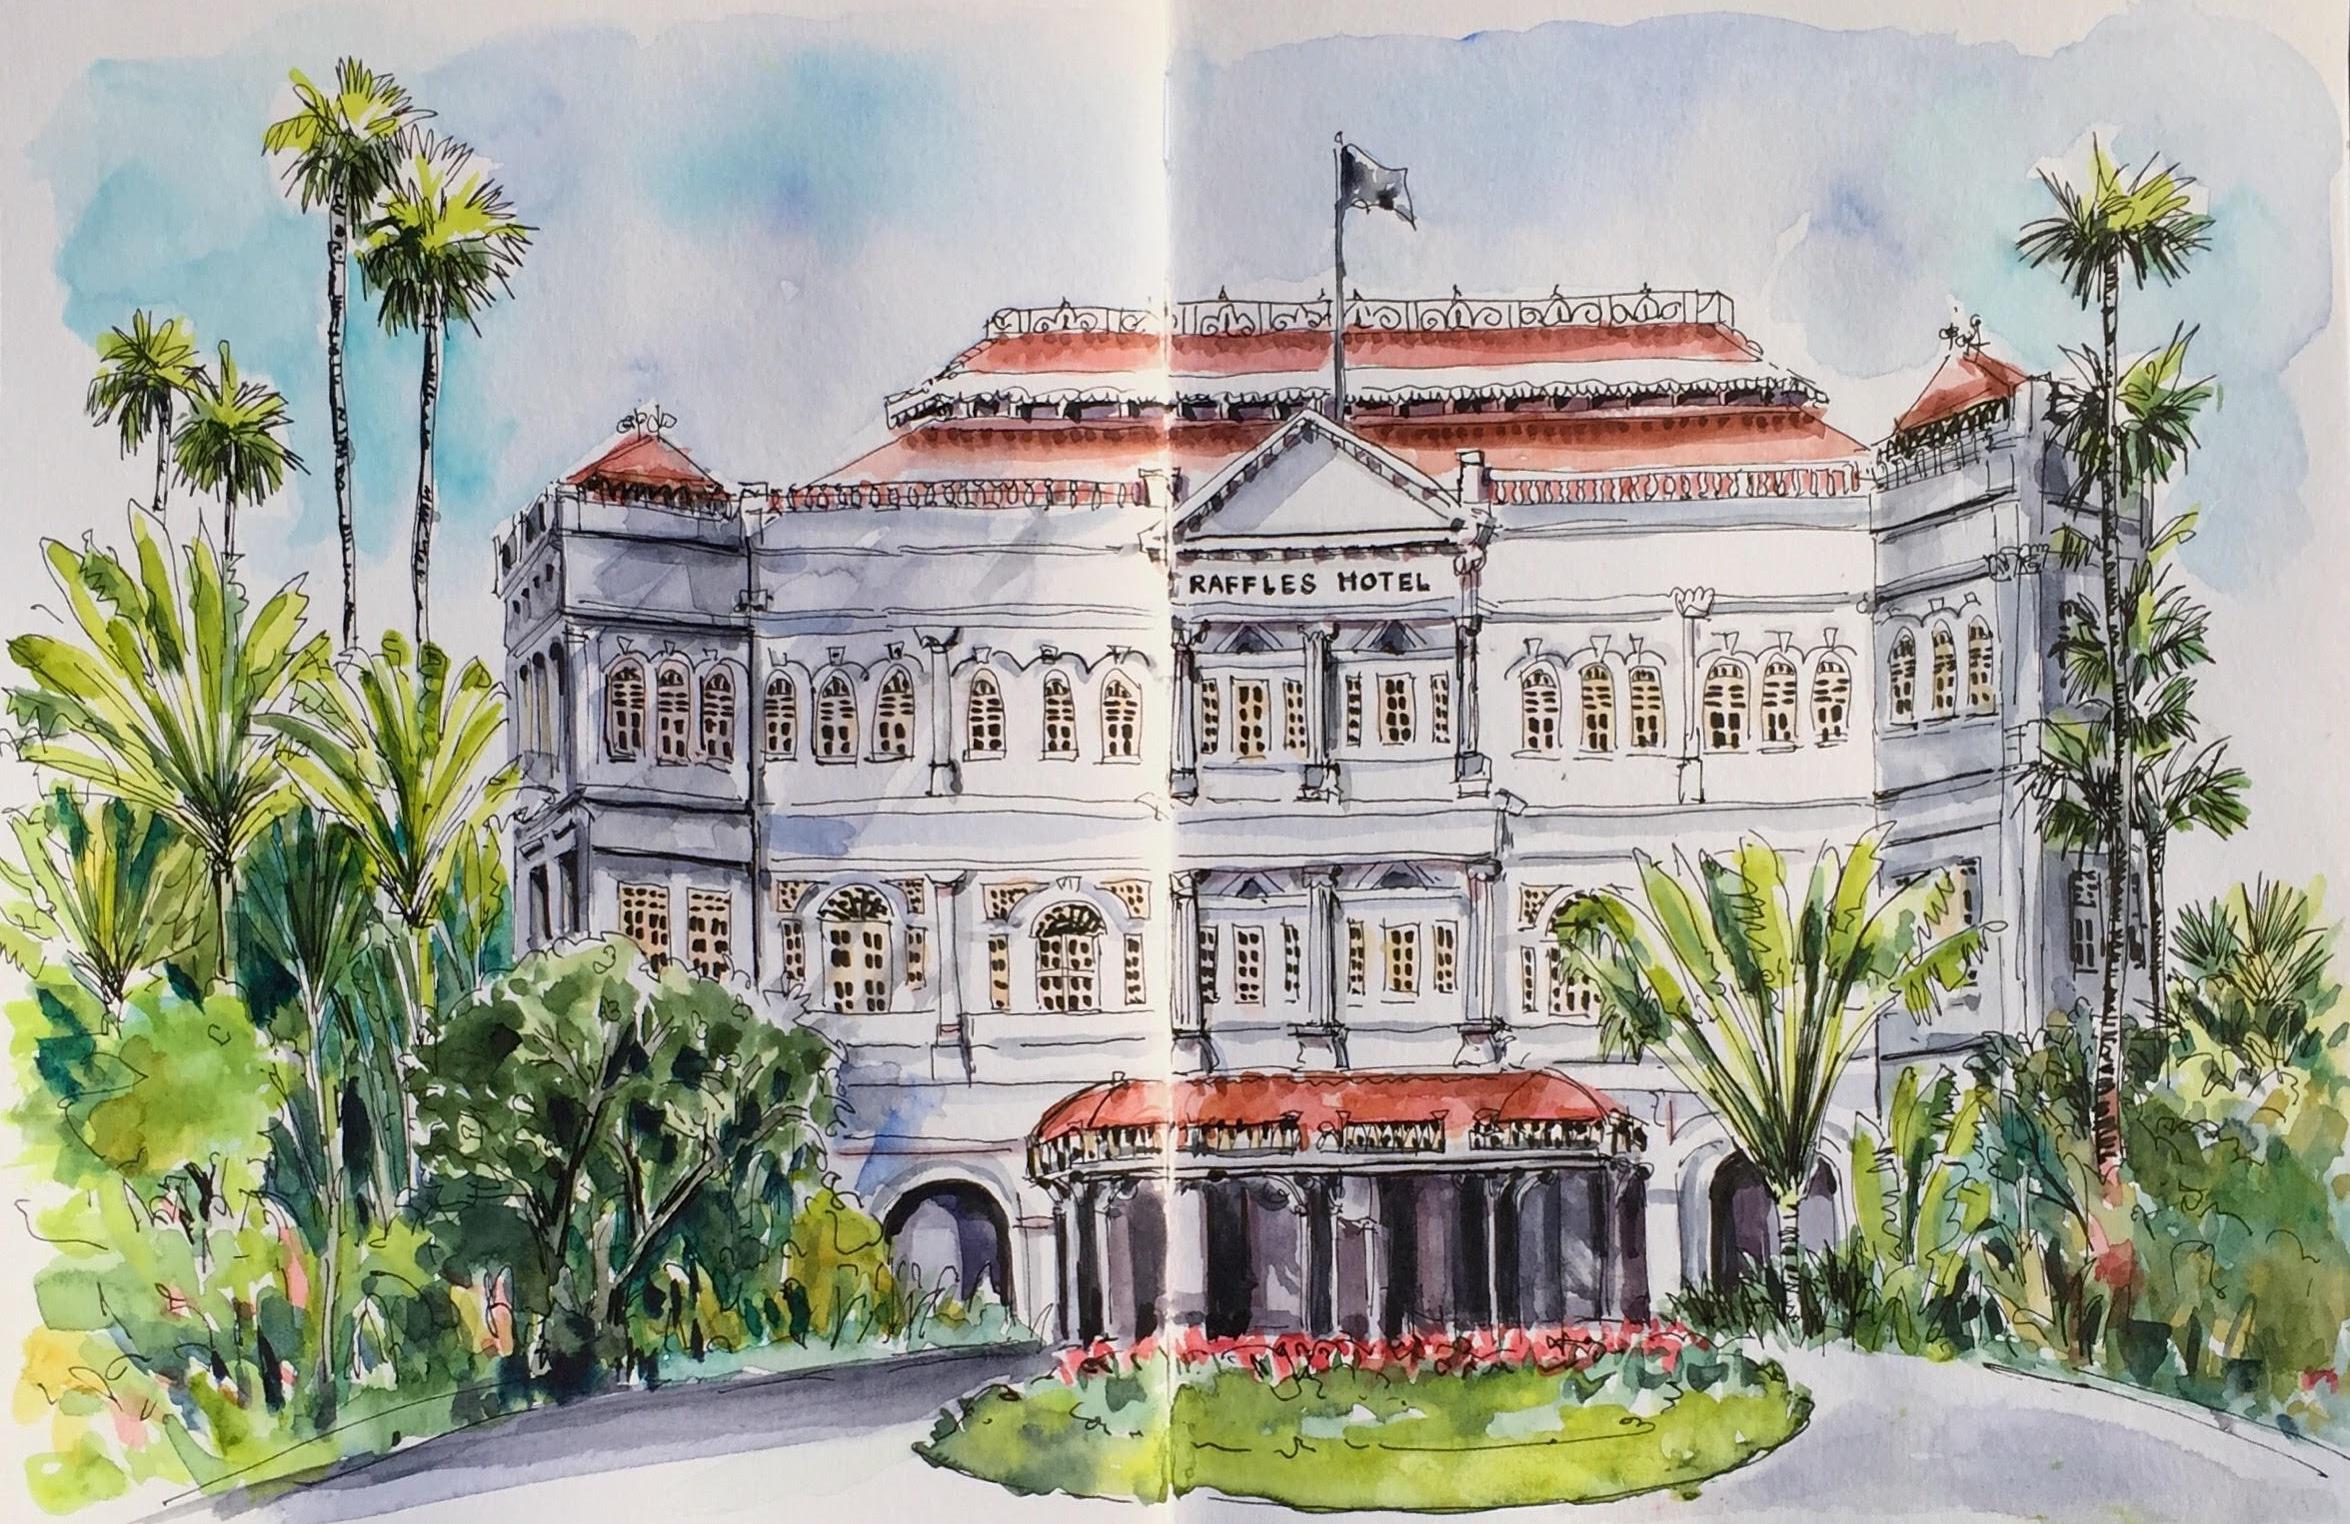 <b>Raffles Hotel, Singapore</b>